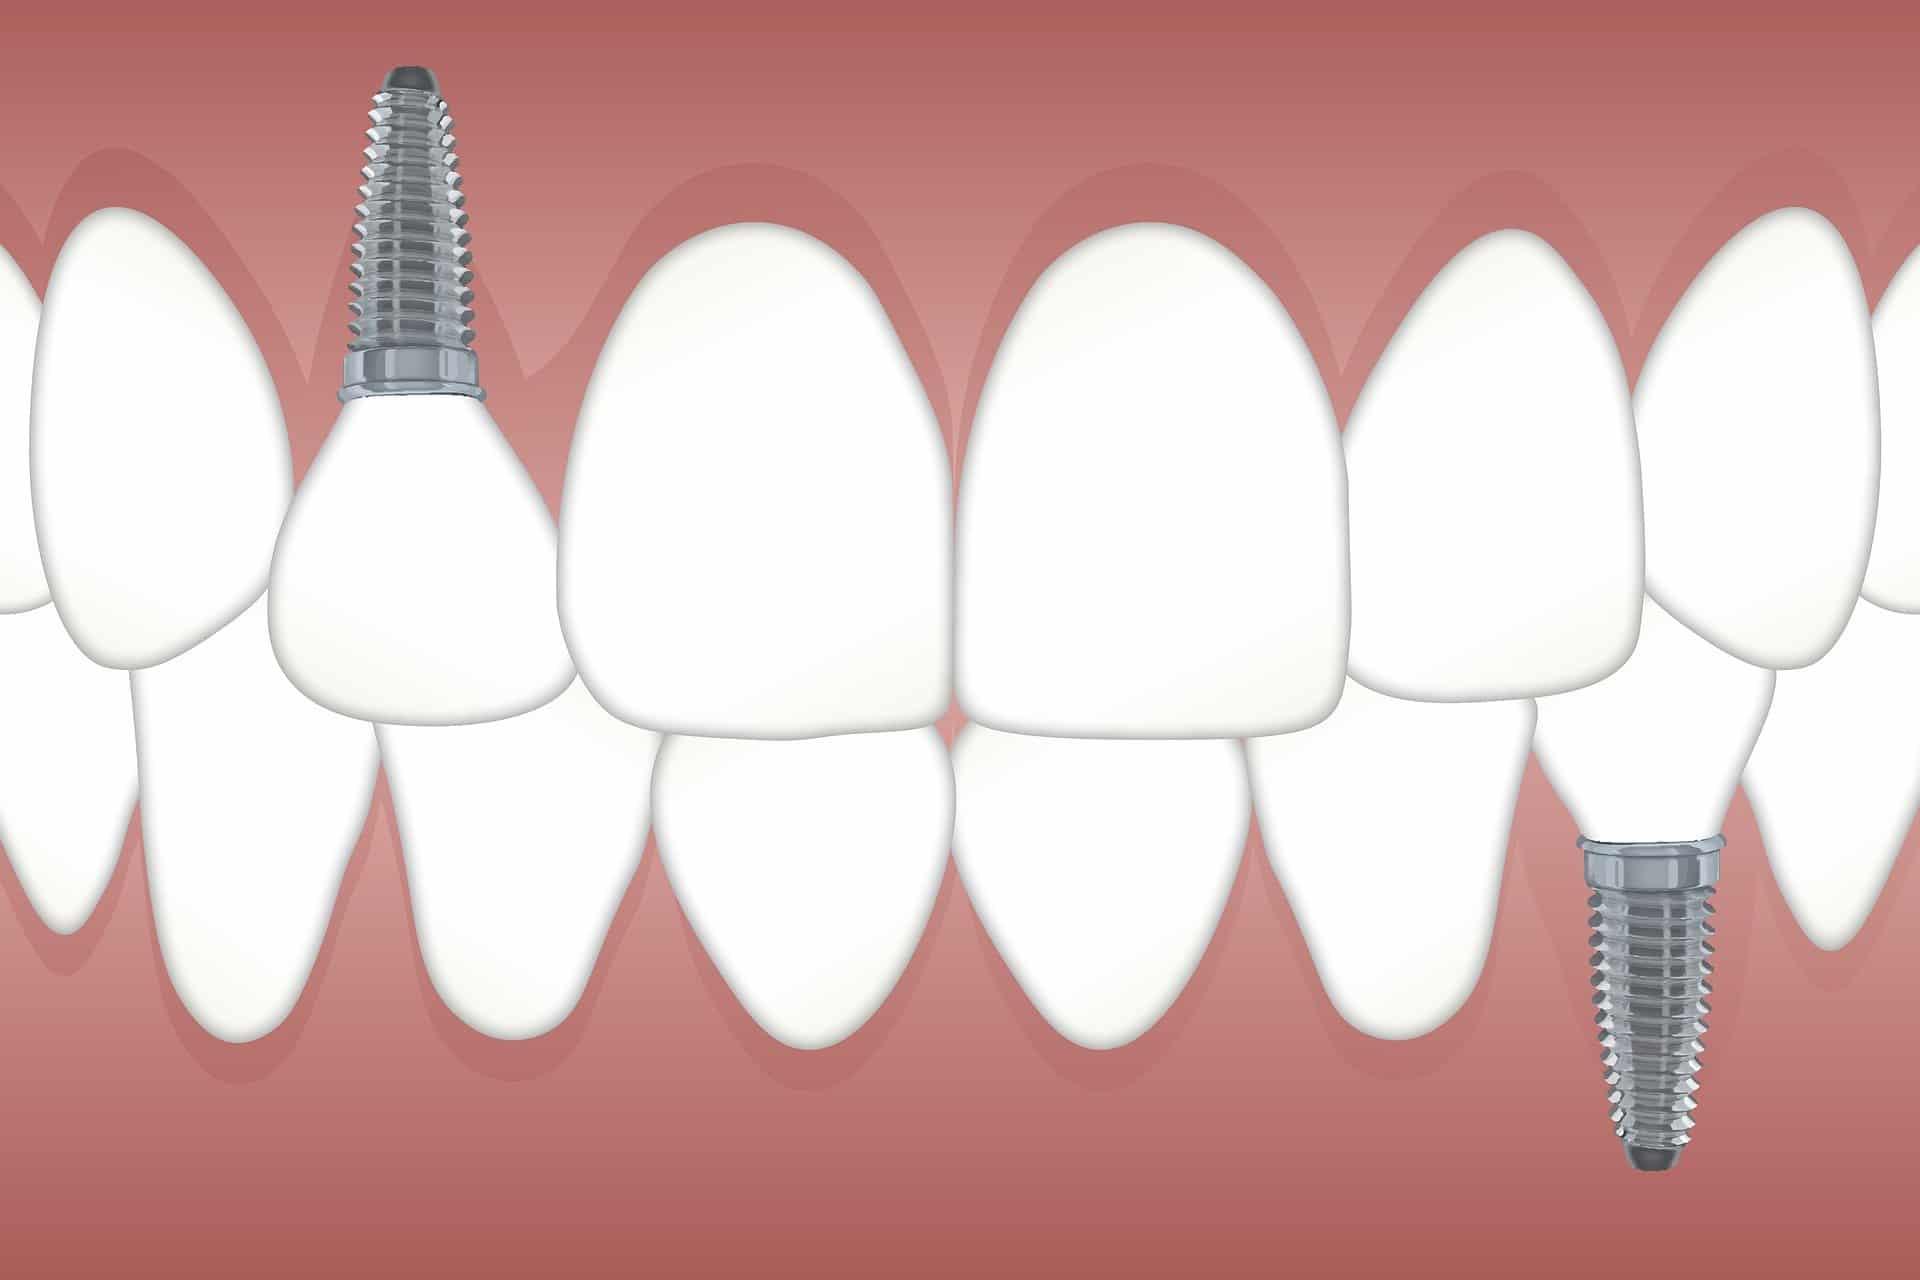 圖說、植牙會將植體植入骨頭取代原本牙根,除了恢復咬合能力還能持續刺激牙床減緩萎縮(圖片來源:Pixabay)